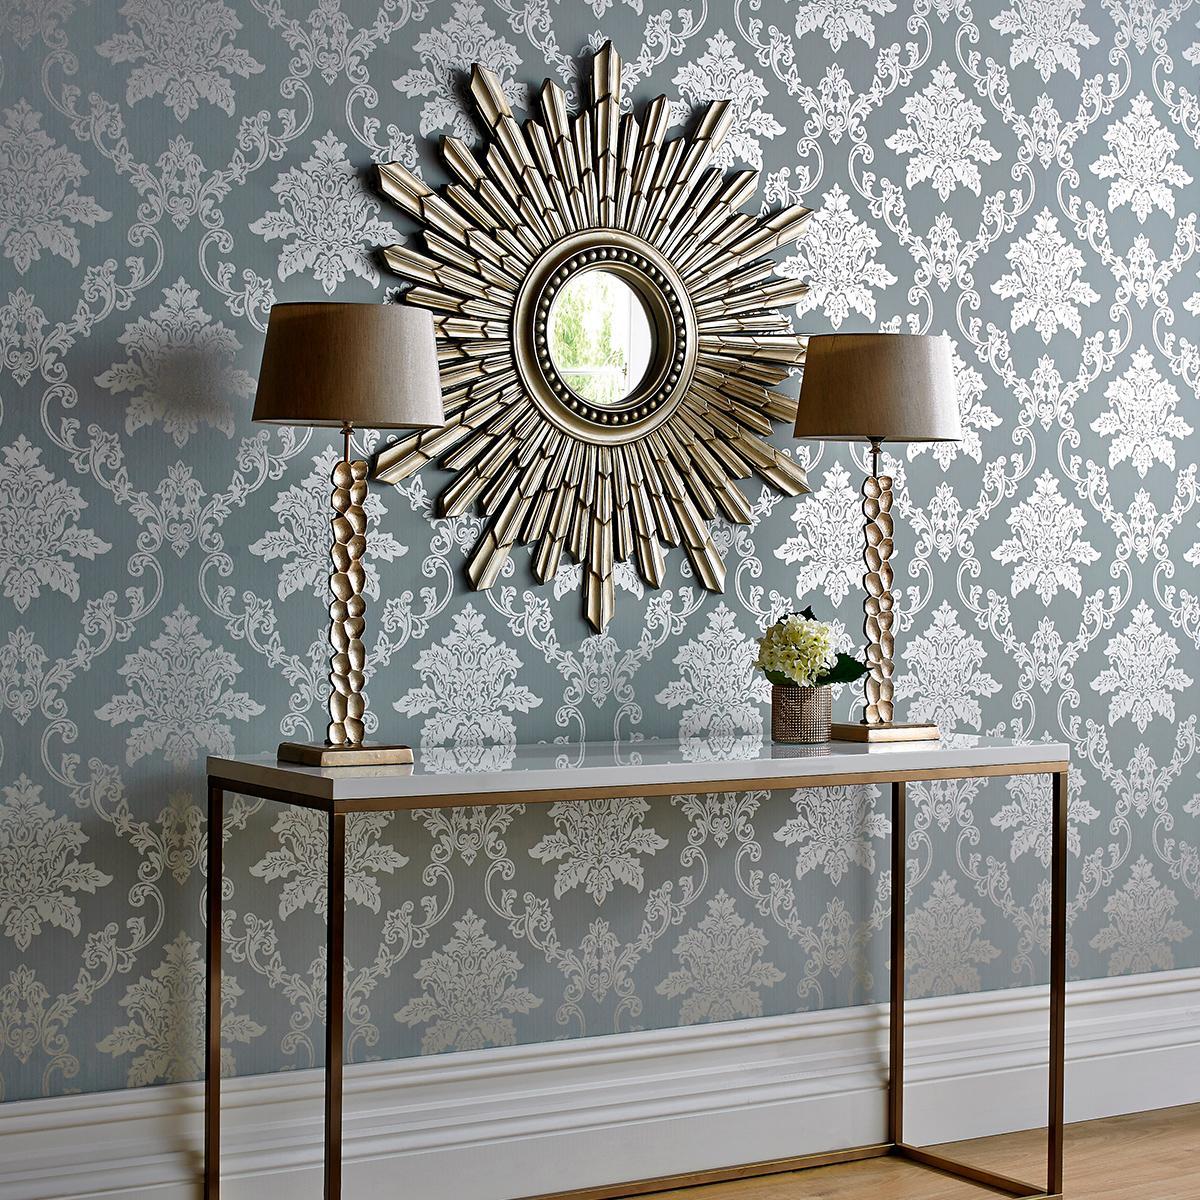 Traditional Interior Design Ideas: Lightweight Classics. Starburst mirror as an accent on silkscreen wallpaper